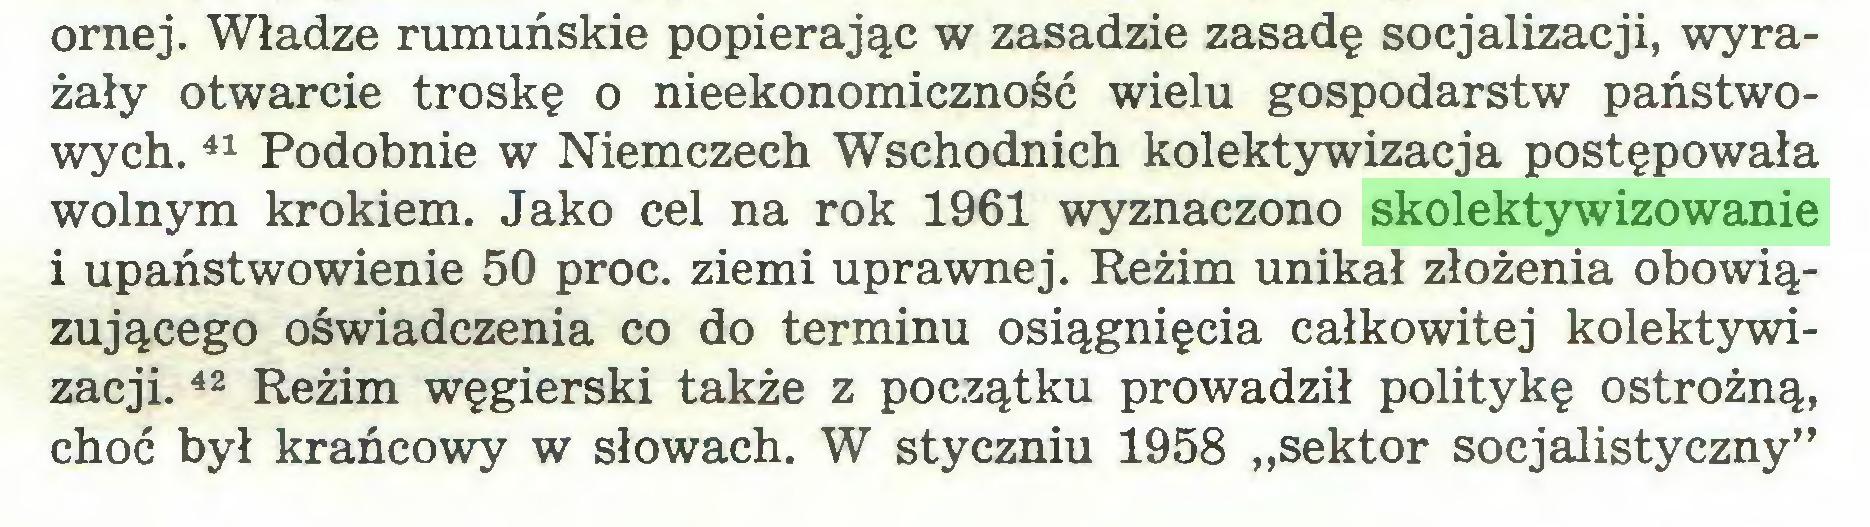 """(...) ornej. Władze rumuńskie popierając w zasadzie zasadę socjalizacji, wyrażały otwarcie troskę o nieekonomiczność wielu gospodarstw państwowych. 41 Podobnie w Niemczech Wschodnich kolektywizacja postępowała wolnym krokiem. Jako cel na rok 1961 wyznaczono skolektywizowanie i upaństwowienie 50 proc. ziemi uprawnej. Reżim unikał złożenia obowiązującego oświadczenia co do terminu osiągnięcia całkowitej kolektywizacji. 42 Reżim węgierski także z początku prowadził politykę ostrożną, choć był krańcowy w słowach. W styczniu 1958 """"sektor socjalistyczny""""..."""